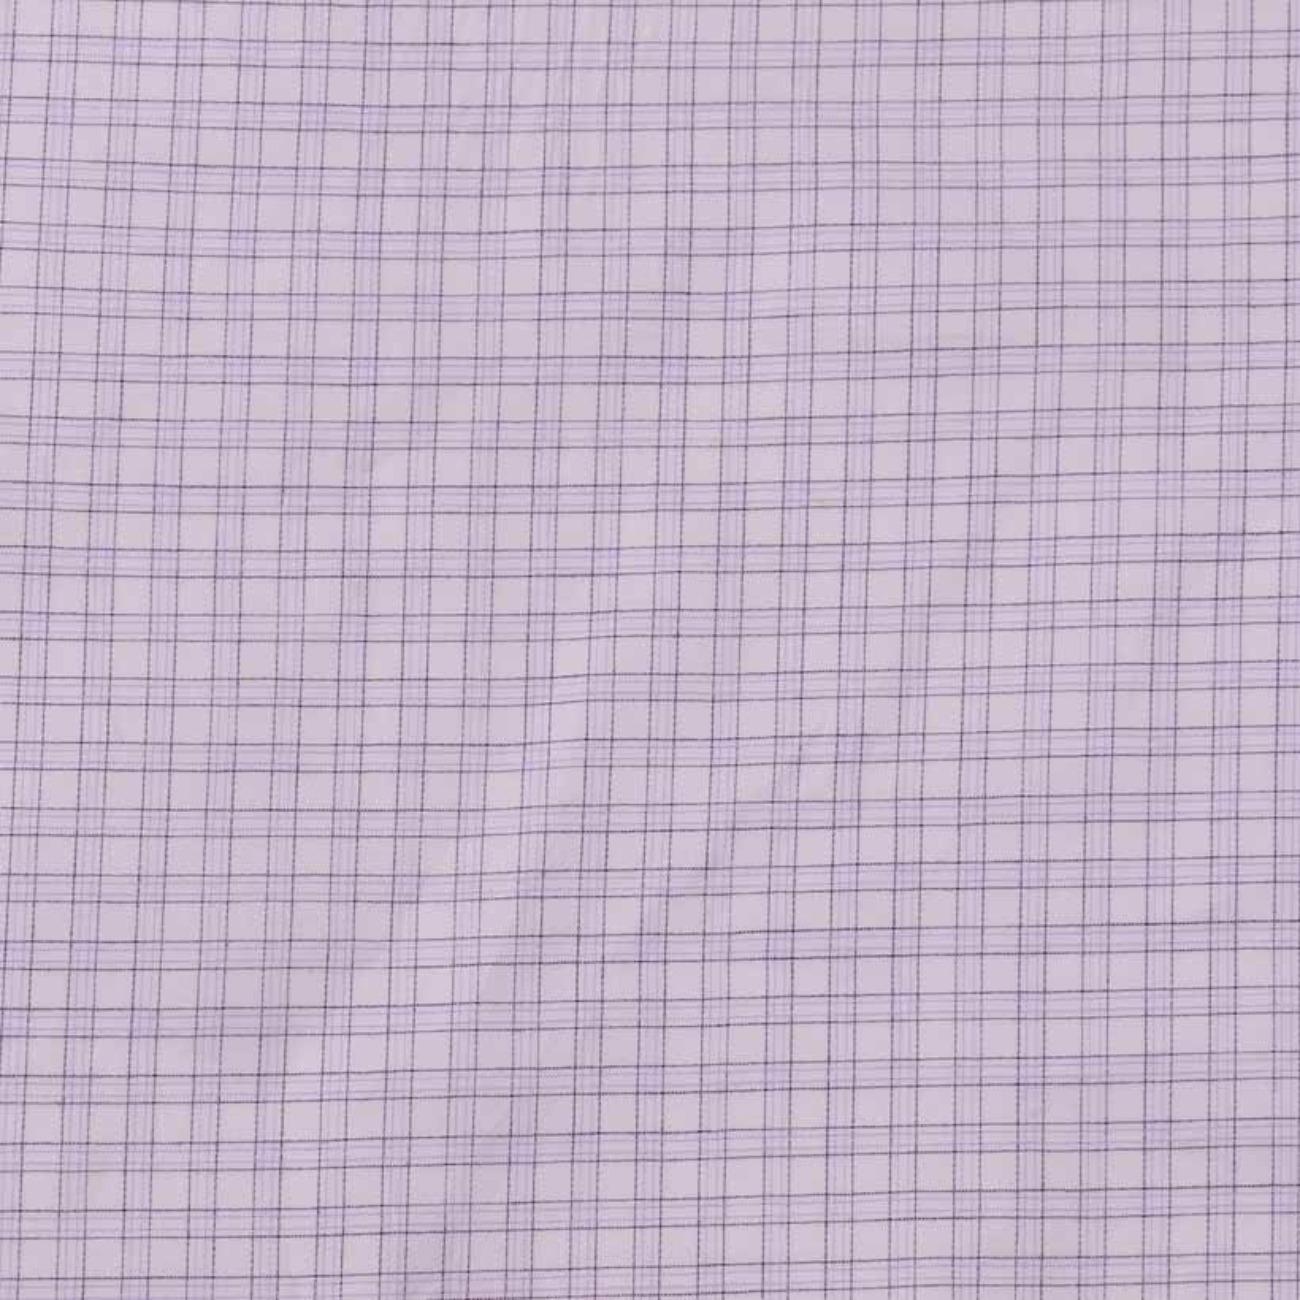 现货斜纹格子梭织色织低弹休闲时尚风格 衬衫连衣裙 短裙 棉感 60929-23